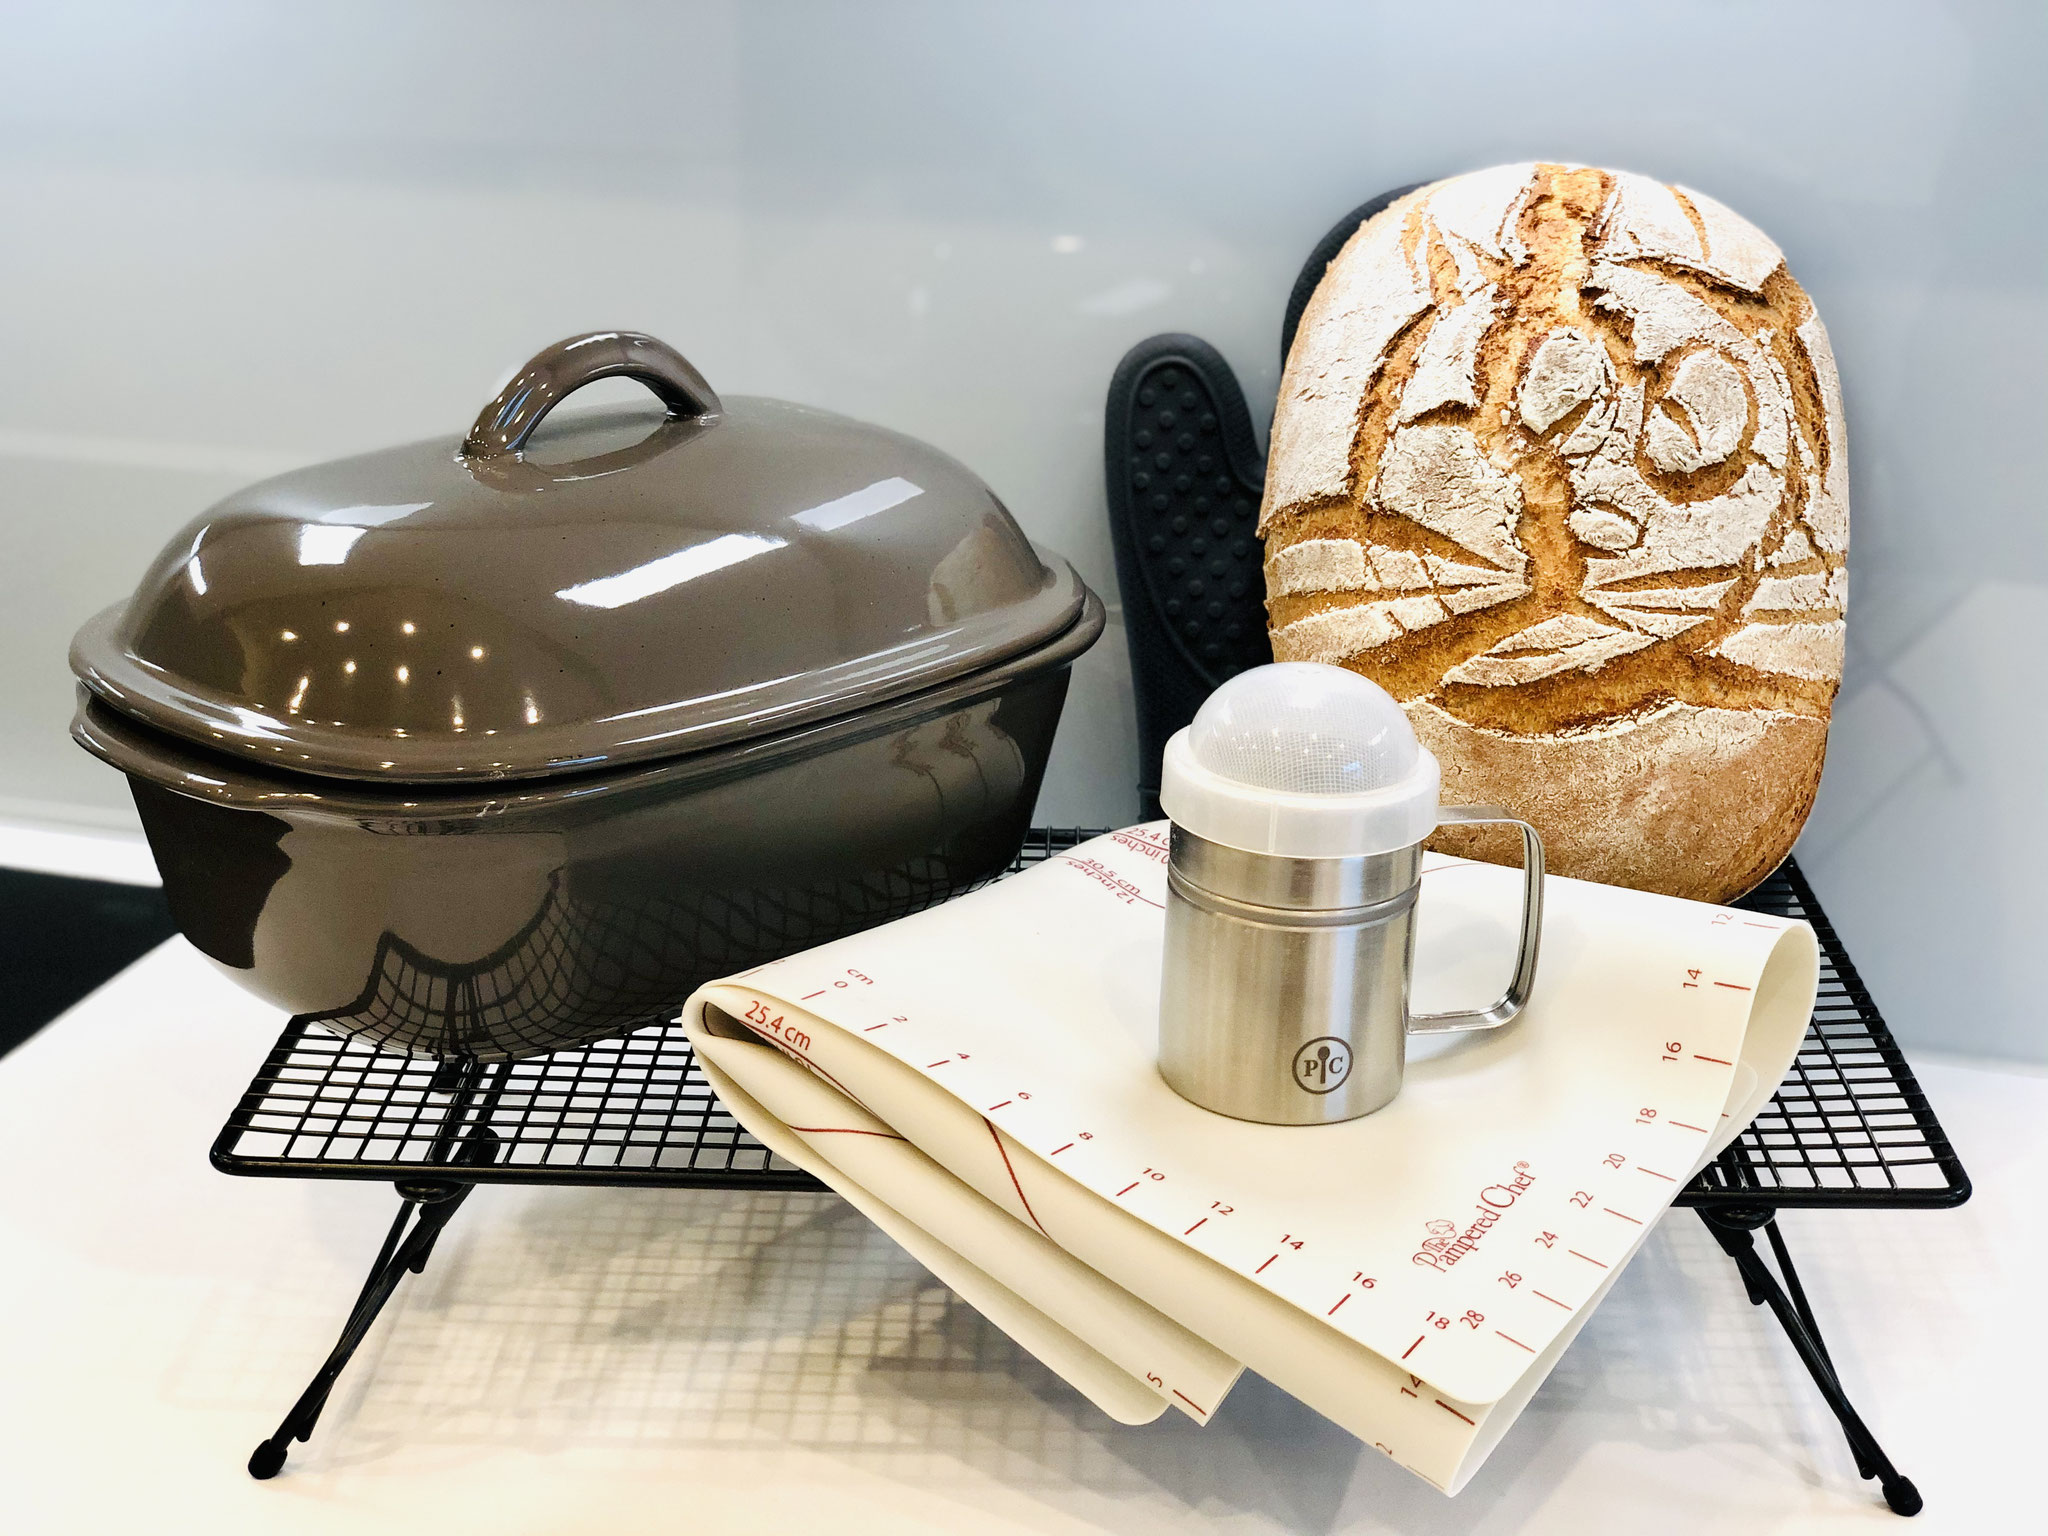 Natürlich dürfen die vielen Pampered Chef Helferlein bei der Zubereitung fehlen wie z.B. : Streufix, Teigunterlage, Kuchengitter auf Füssen und die Silikonhandschuhe...